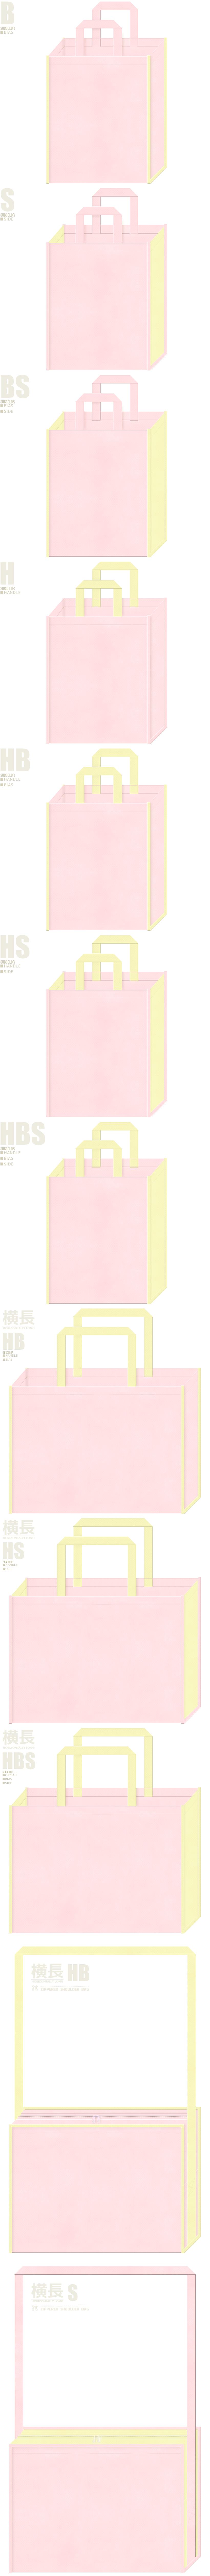 優しさ・ひよこ・パステル・保育・福祉・介護のイメージにお奨めの不織布バッグデザイン:桜色と薄黄色の配色7パターン。